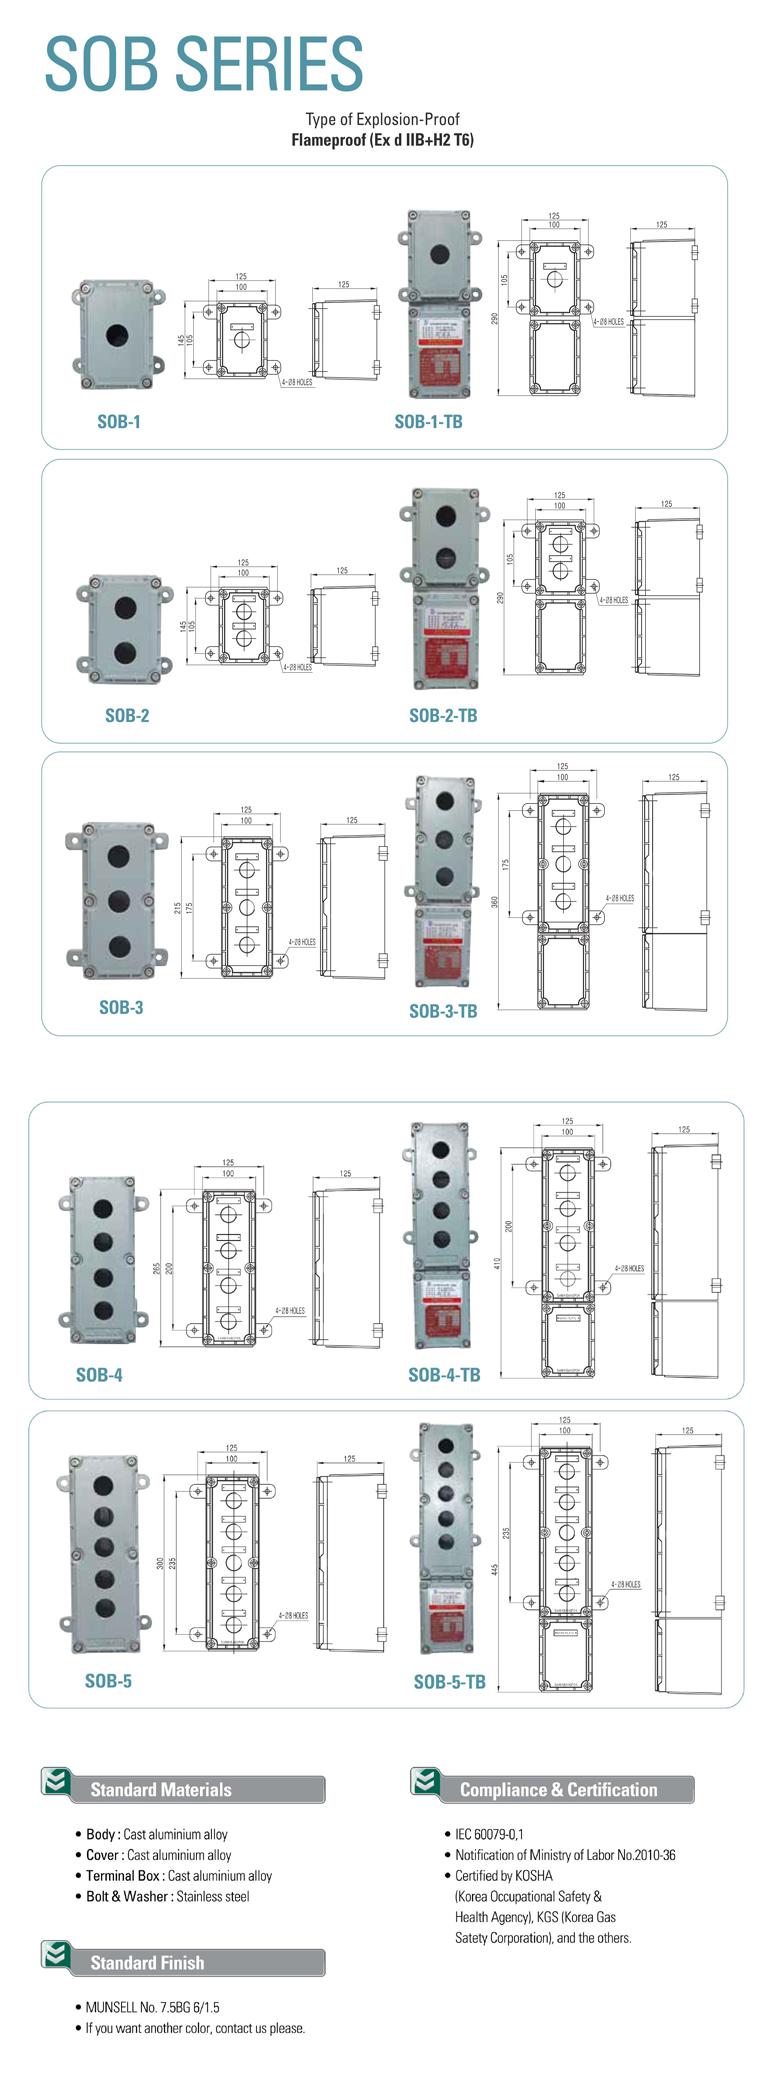 Samik Explosi Onproof Elxctric  SOB Series